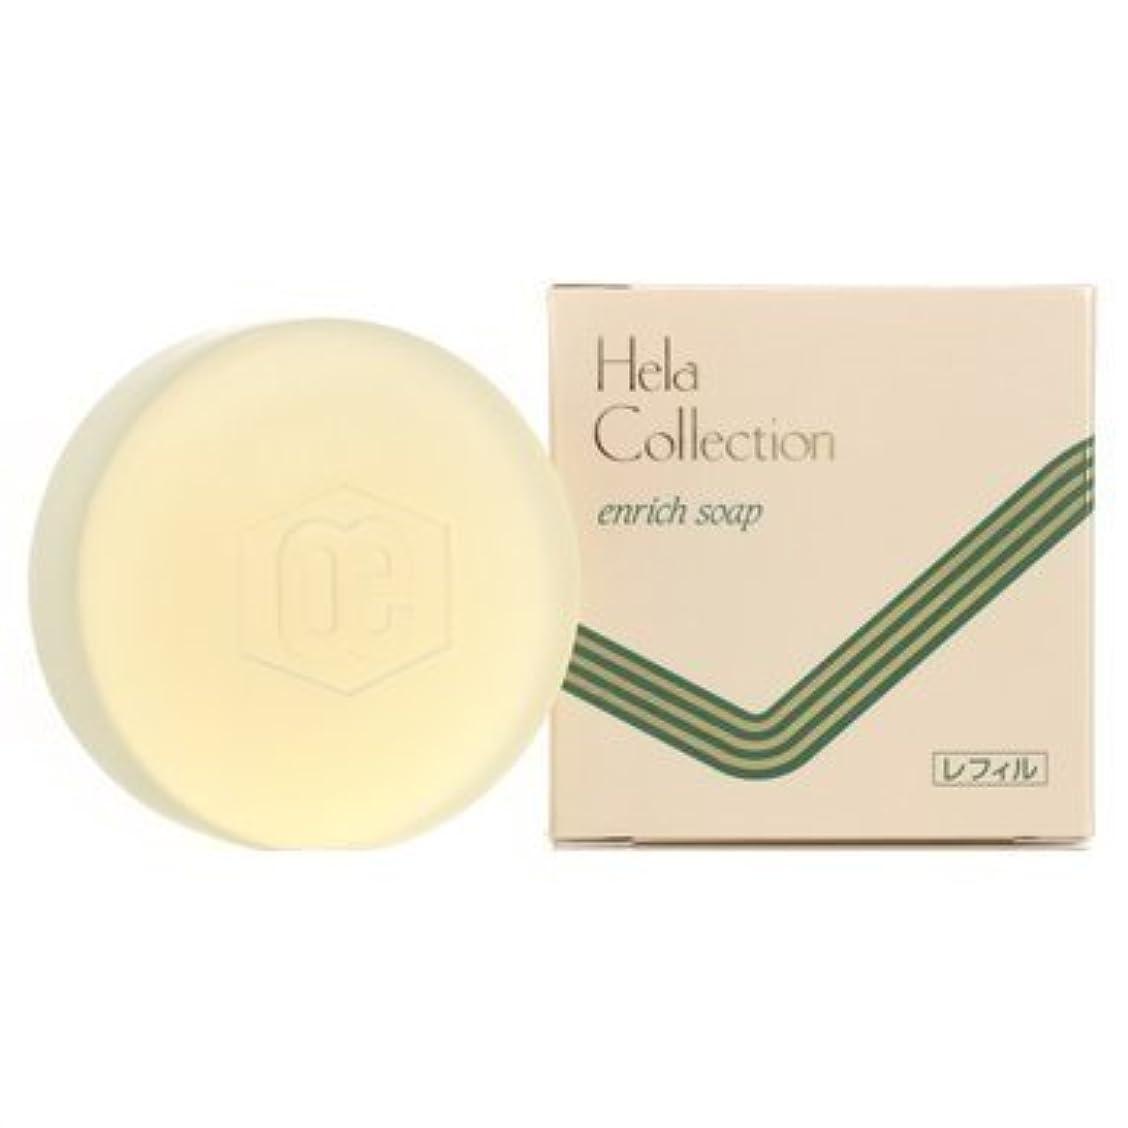 州発揮する直径大高酵素 エンリッチシリーズ エンリッチソープ(化粧洗顔石けん) レフィル100g